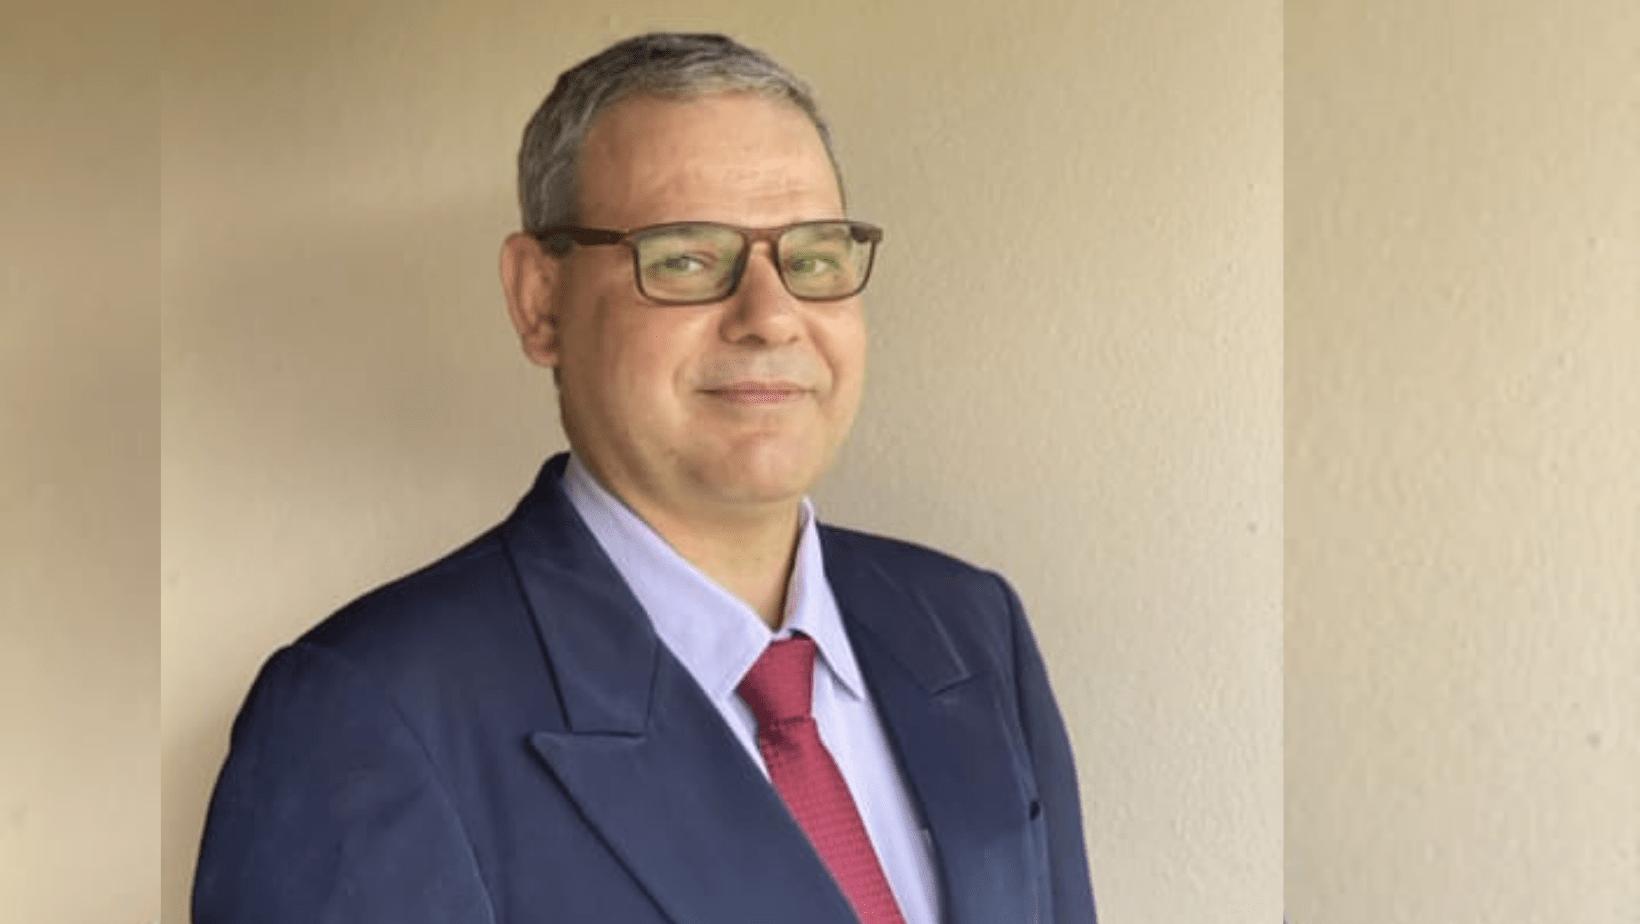 São Luiz Gonzaga decreta luto oficial devido ao falecimento de Délcio Rosseti, secretário de Obras e Viação